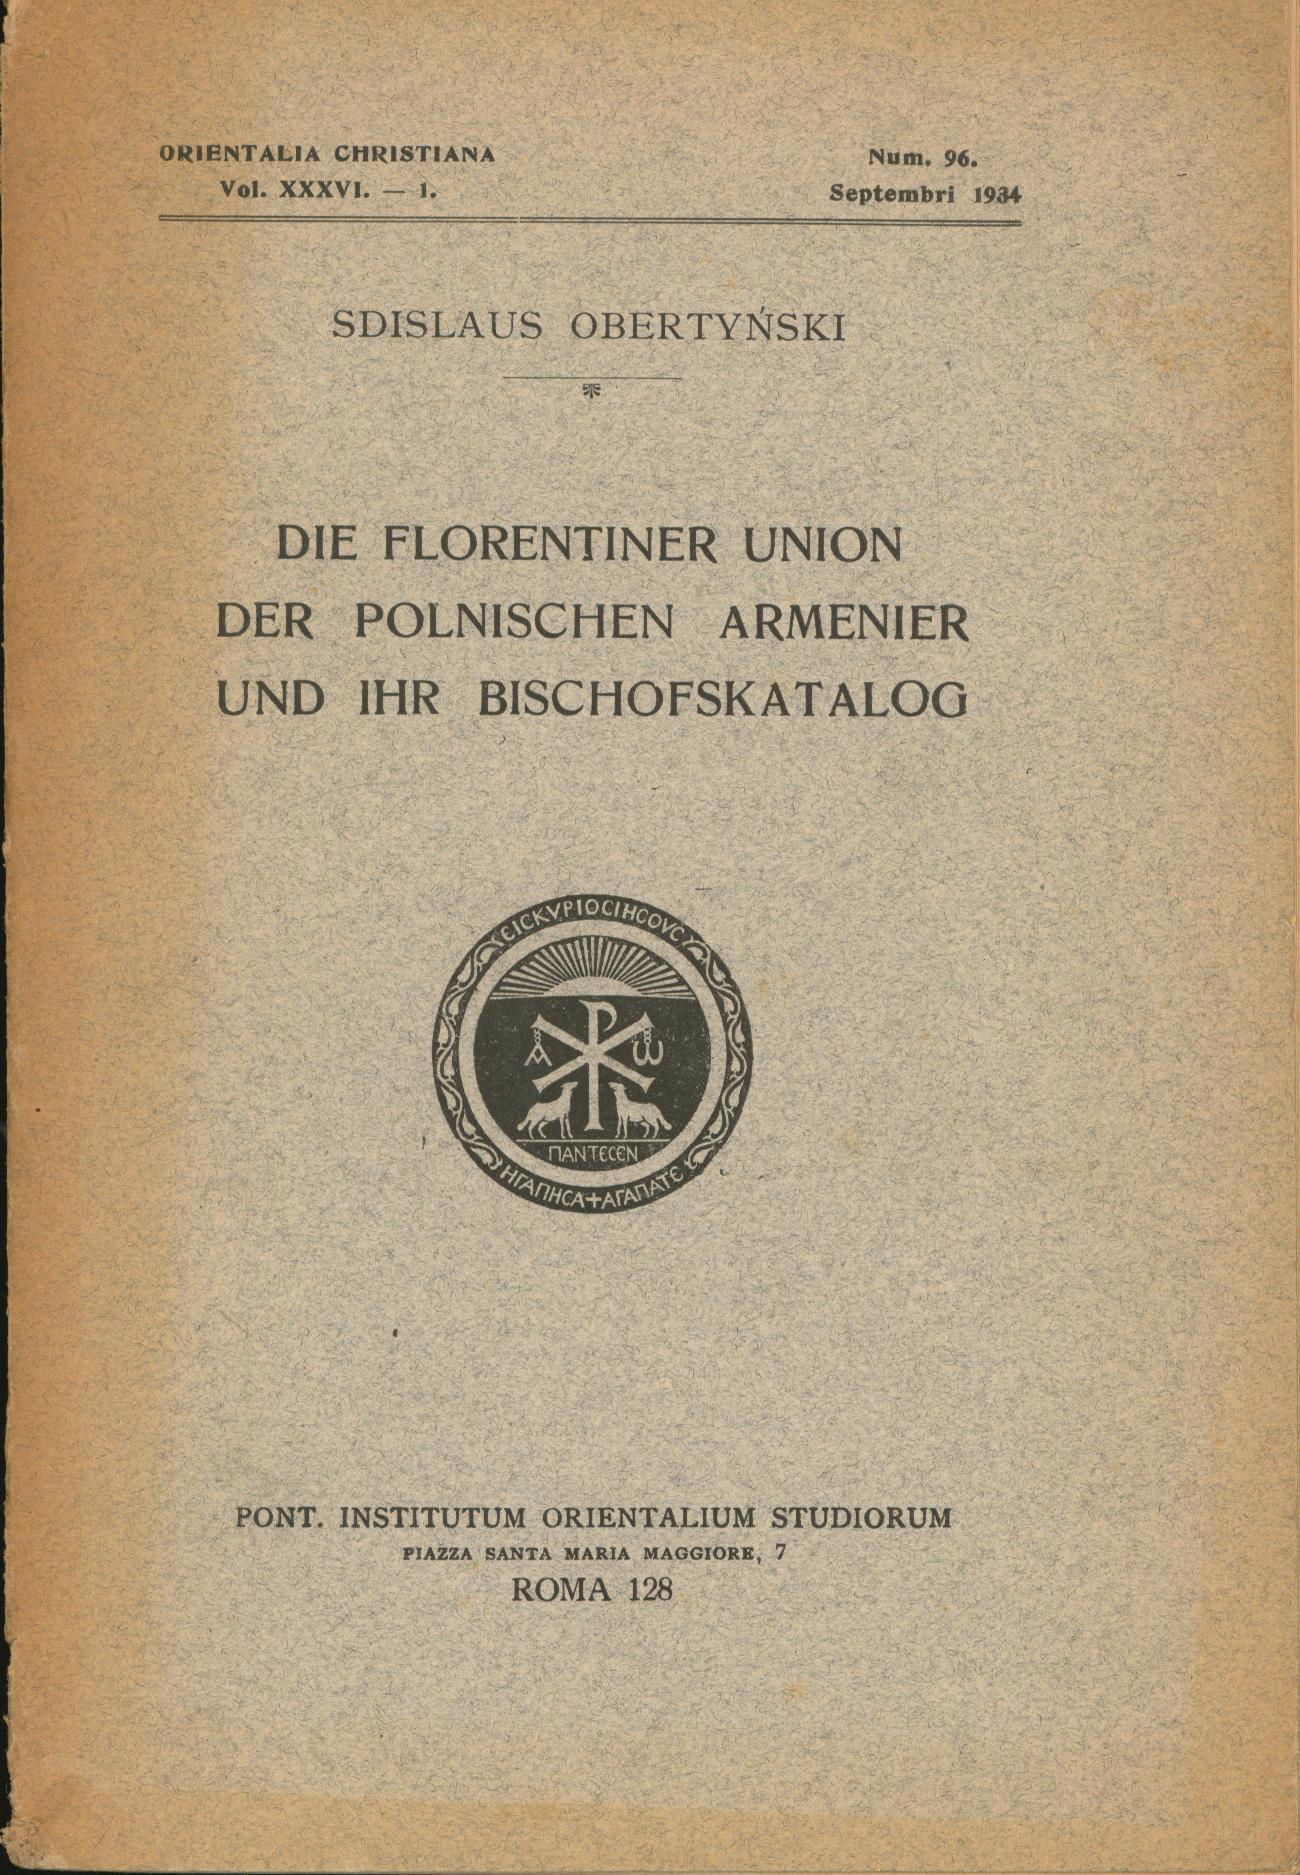 Die Florentiner Union der polnischen Armenier und: Obertynski, Zdzislaw